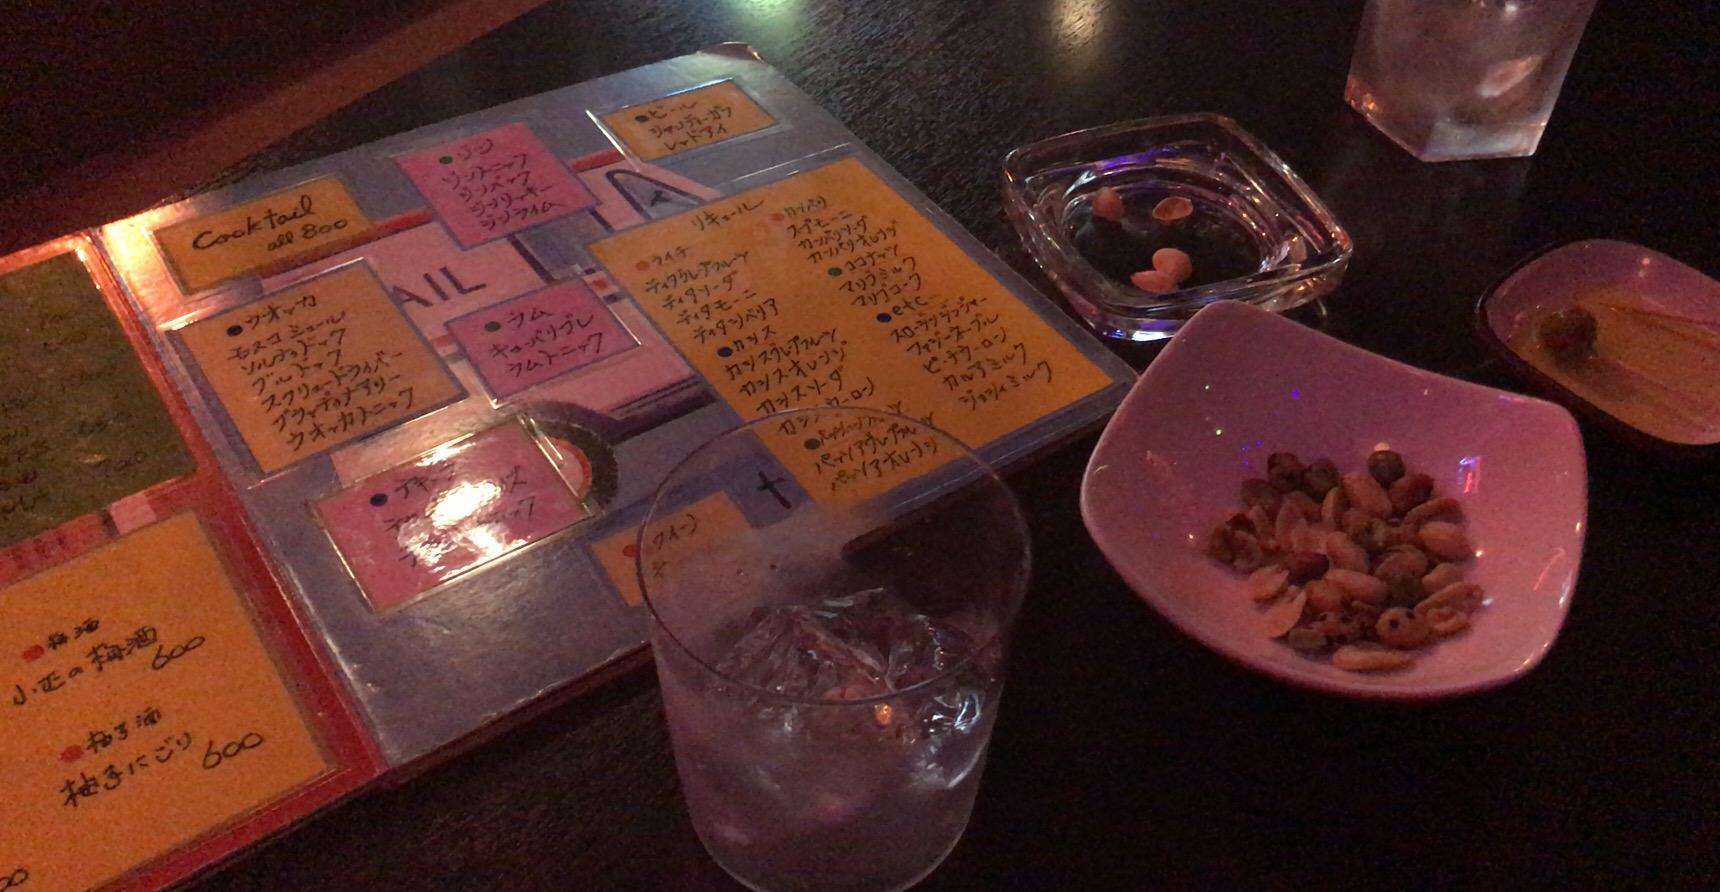 札幌・中央区 Dog Cafe(ドックカフェ)